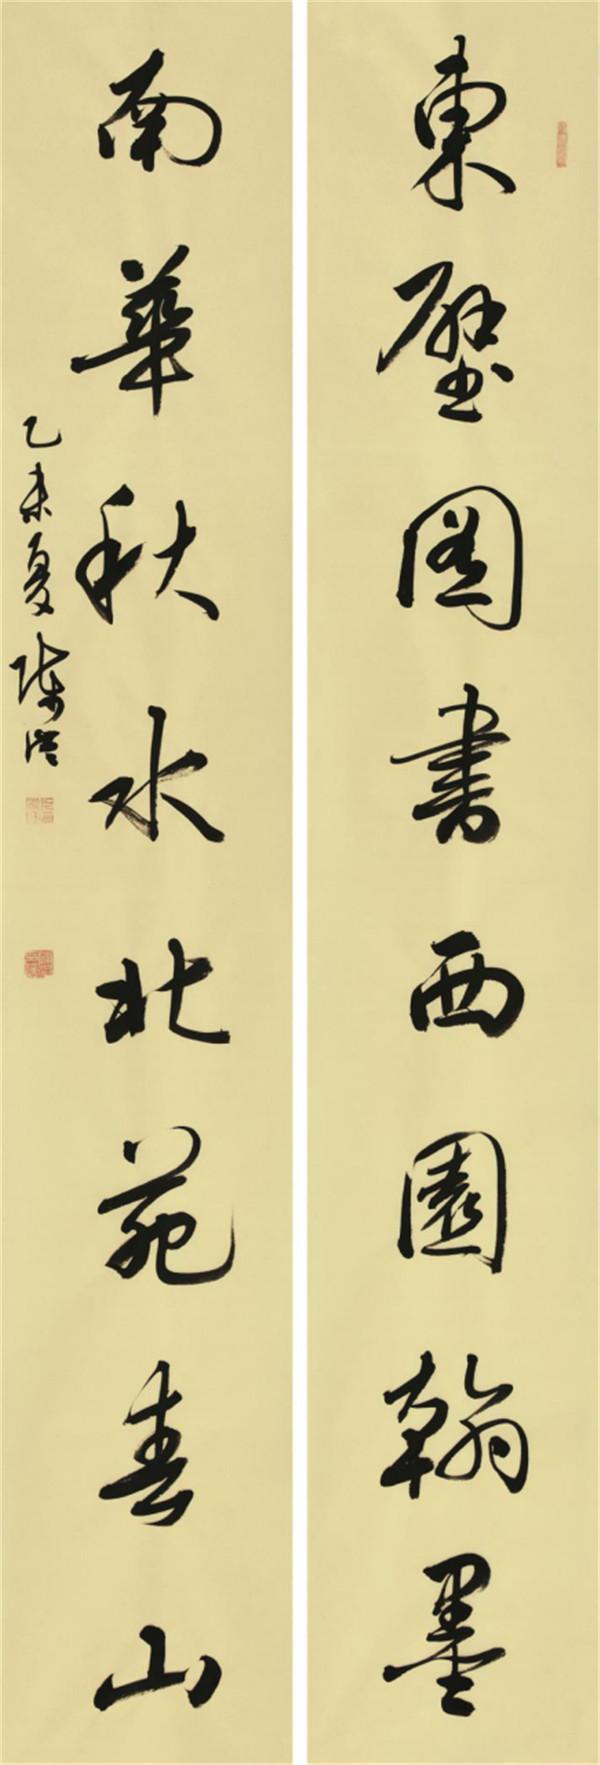 解读书法家陈洪的书法艺术-中国日报网情趣内衣尺码表图片